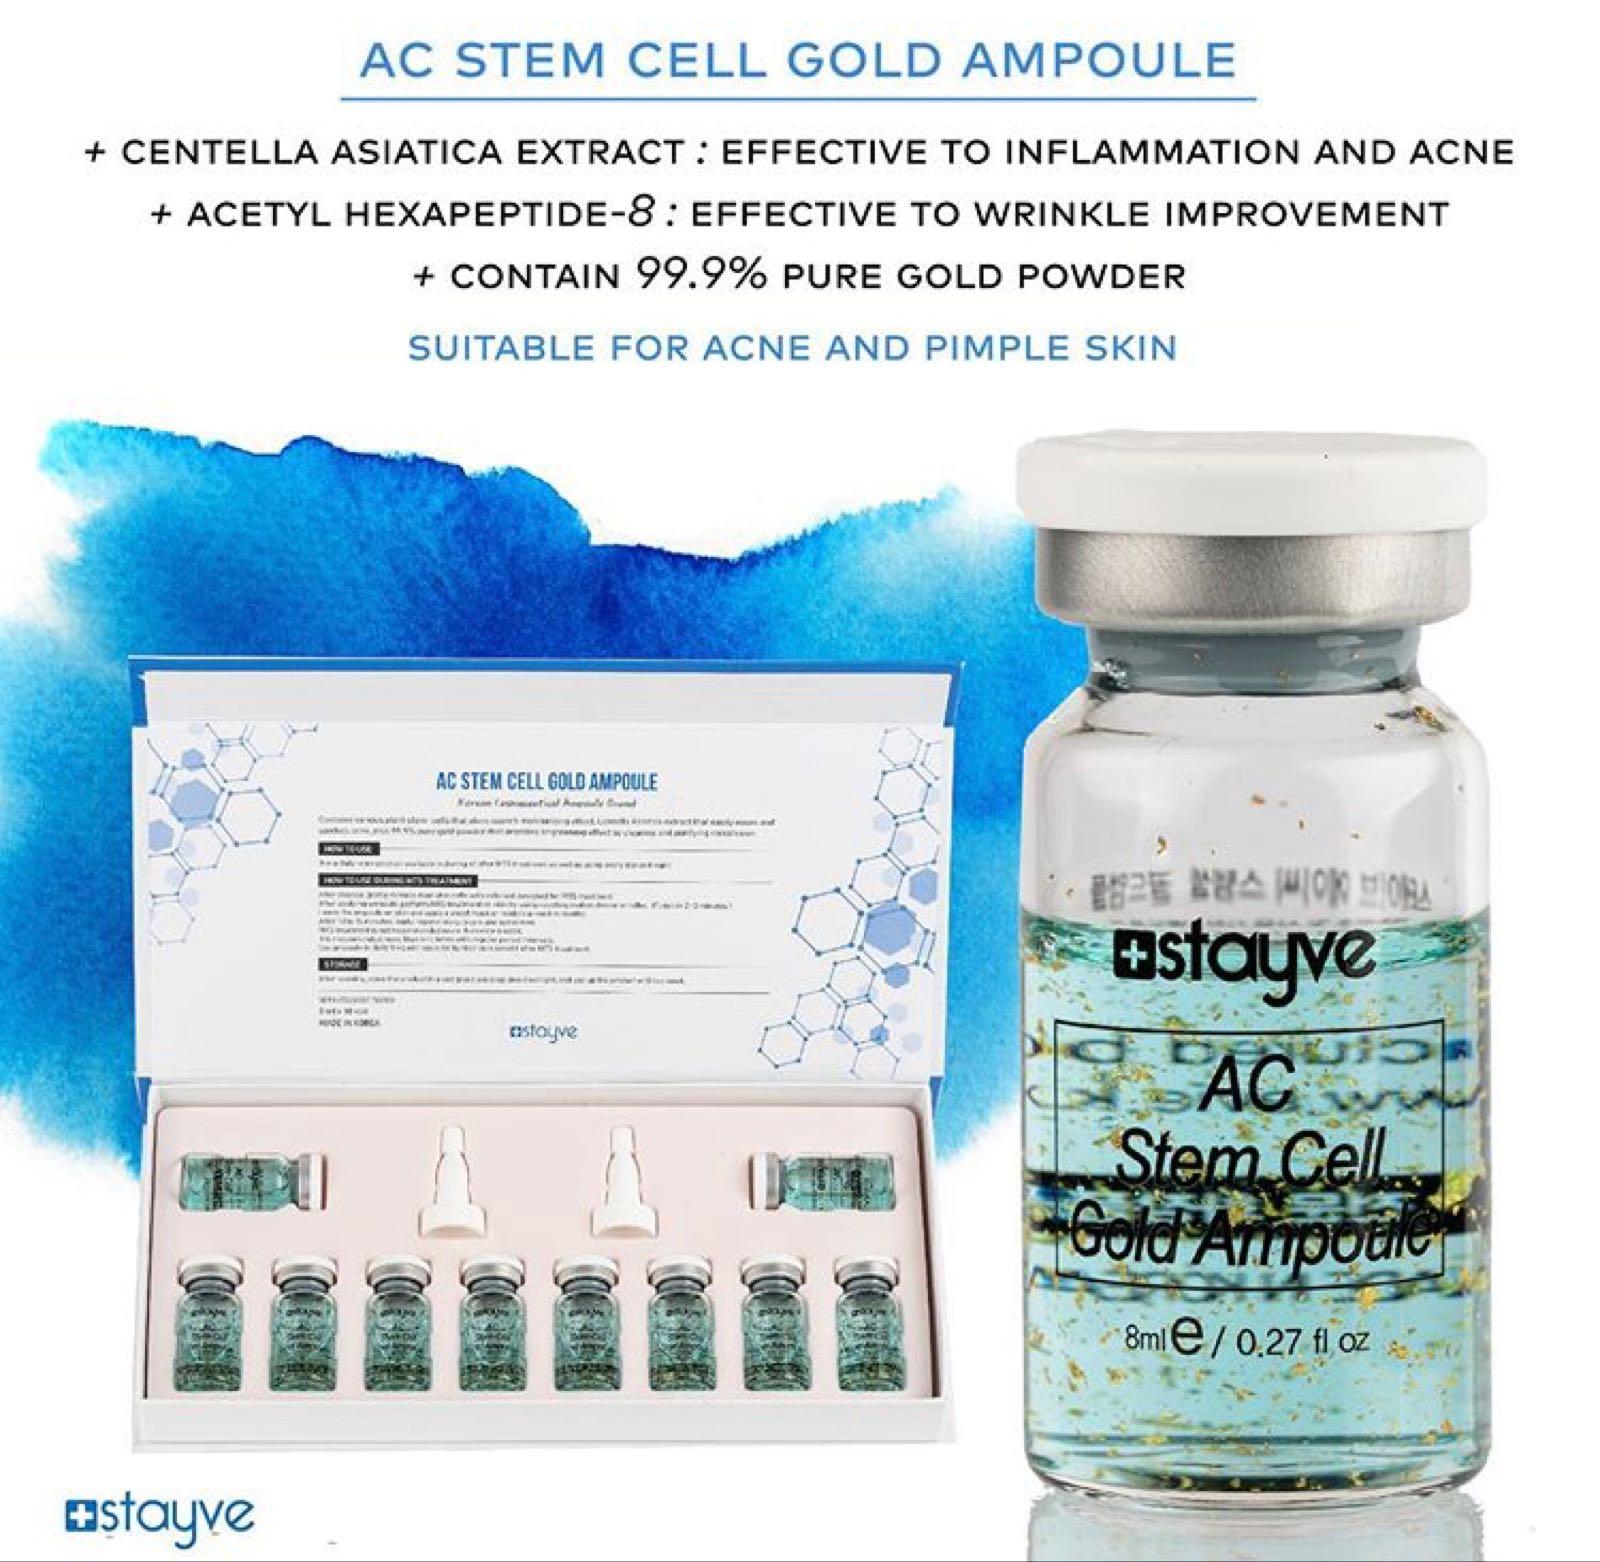 AC Stem Cell Gold Ampull STYCKVIS